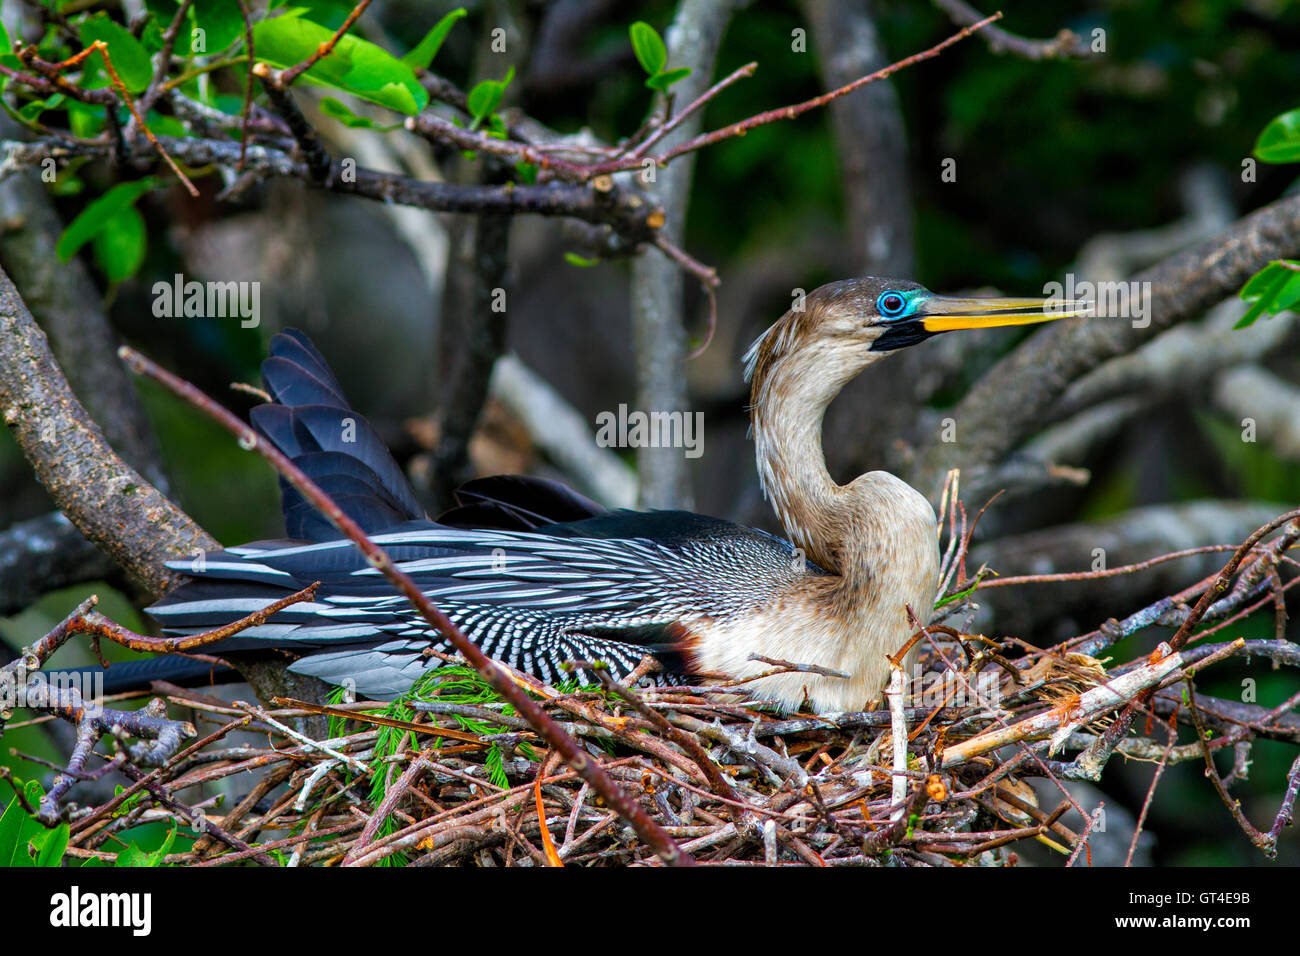 Weibliche Anhinga ordnet Zweigen sitzend auf ihrem Nest ausbrüten von Eiern. Sie stellt die leuchtende blaue Stockbild